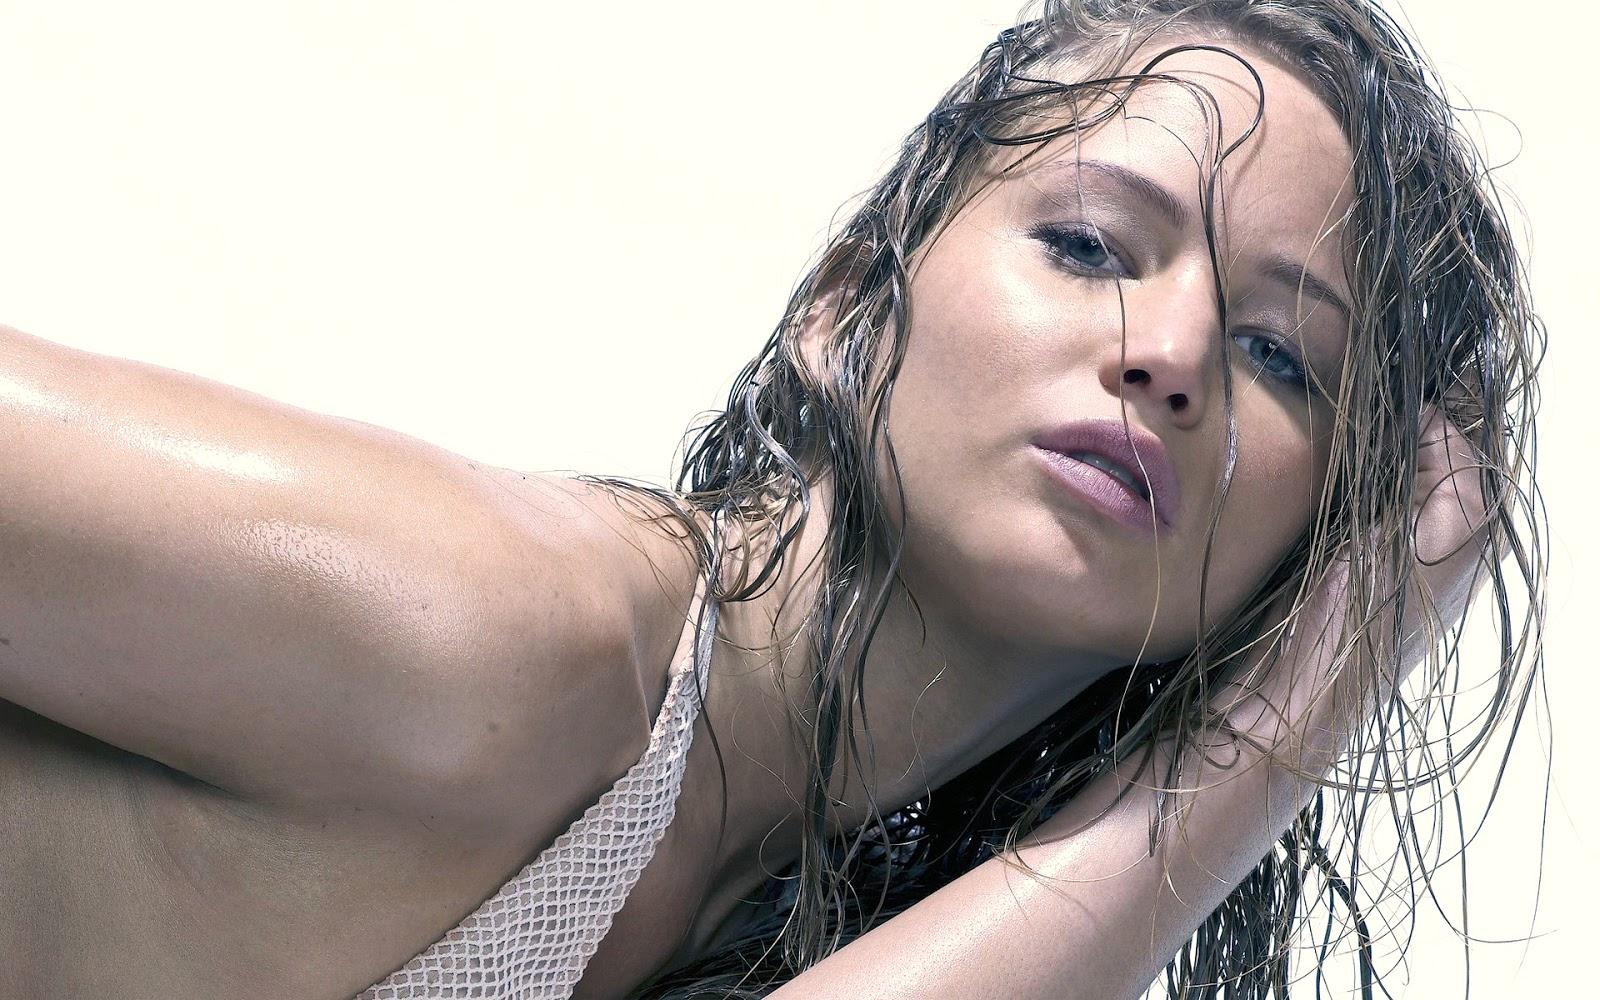 http://1.bp.blogspot.com/-OhgVUEcprDs/UOFipfizoUI/AAAAAAAApsk/dGrl-m8I5sU/s1600/jennifer-lawrence-hot.jpg